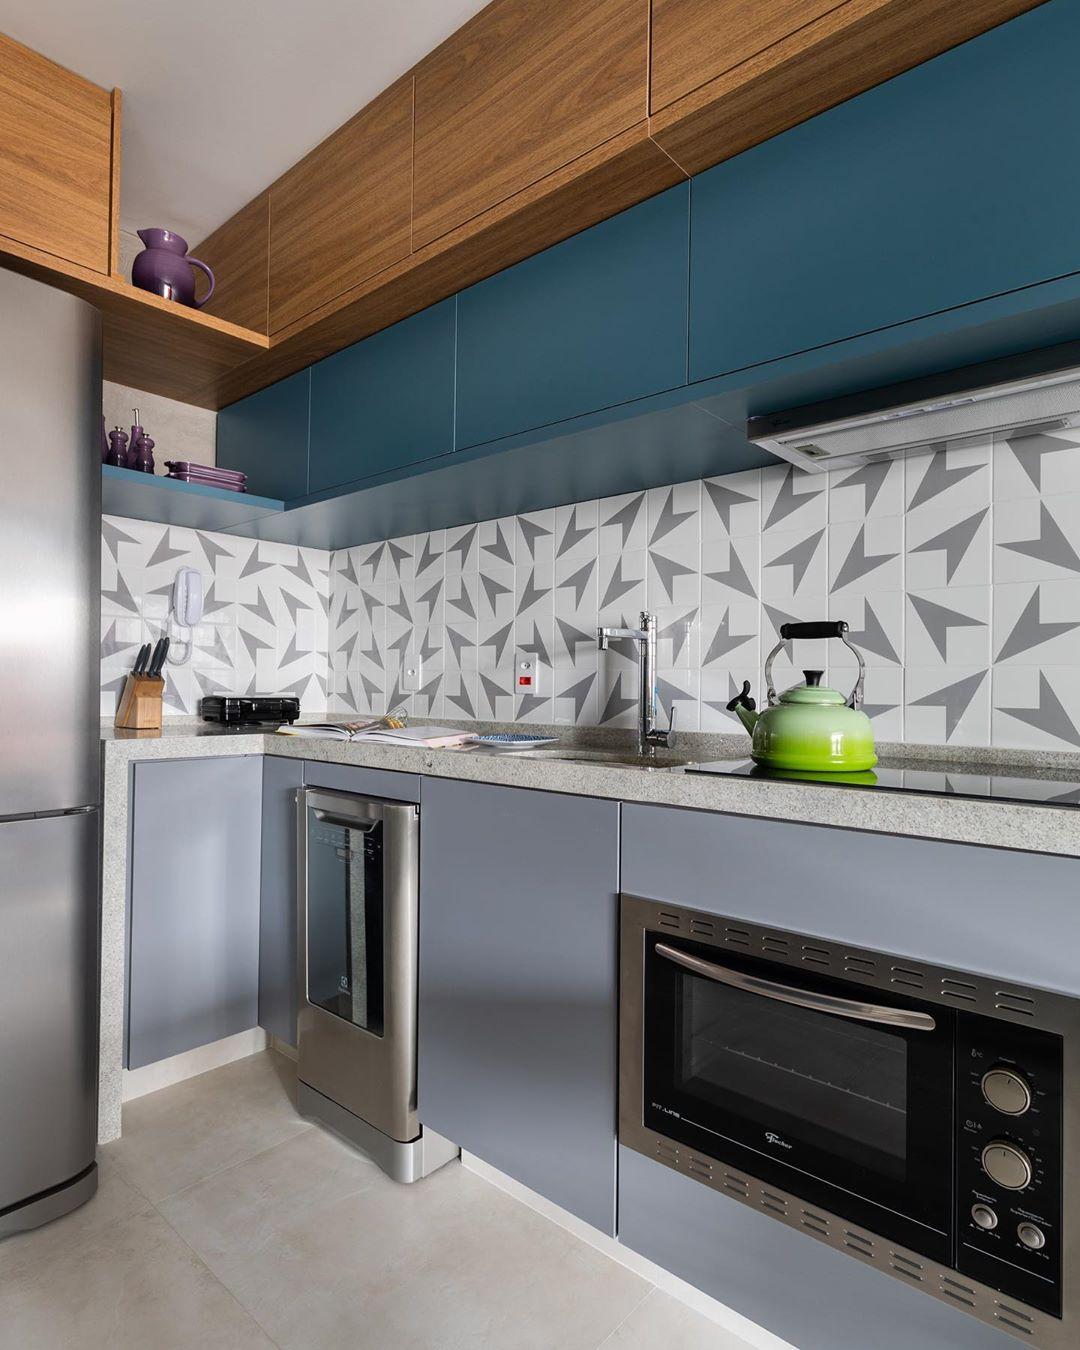 cozinha azulejo em cima da pia